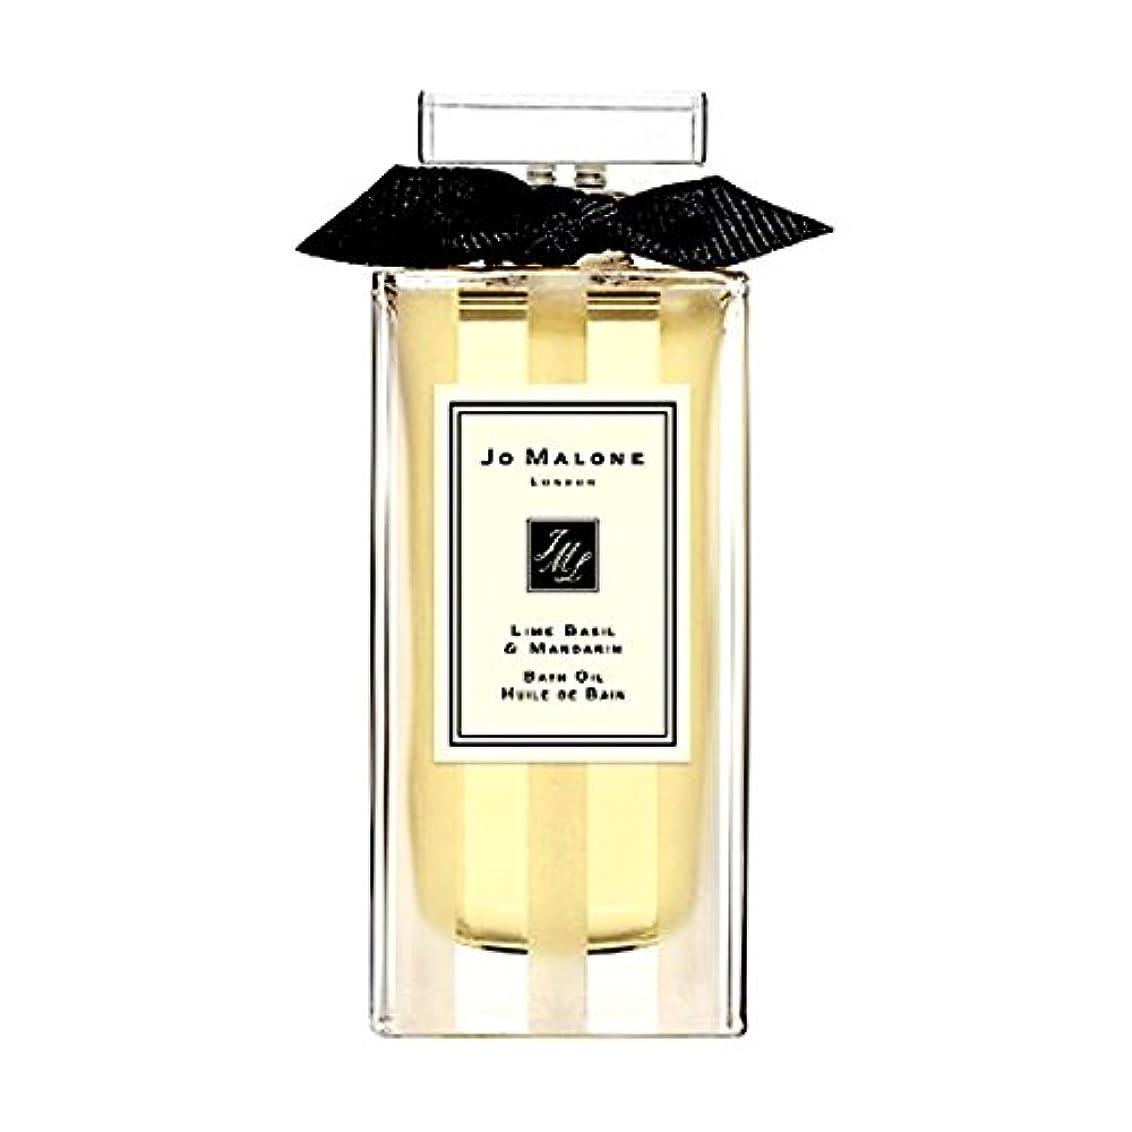 疲れたサスペンション悪化させるJo Maloneジョーマローン, バスオイル -ライムバジル&マンダリン (30ml),' Lime Basil & Mandarin' Bath Oil (1oz) [海外直送品] [並行輸入品]